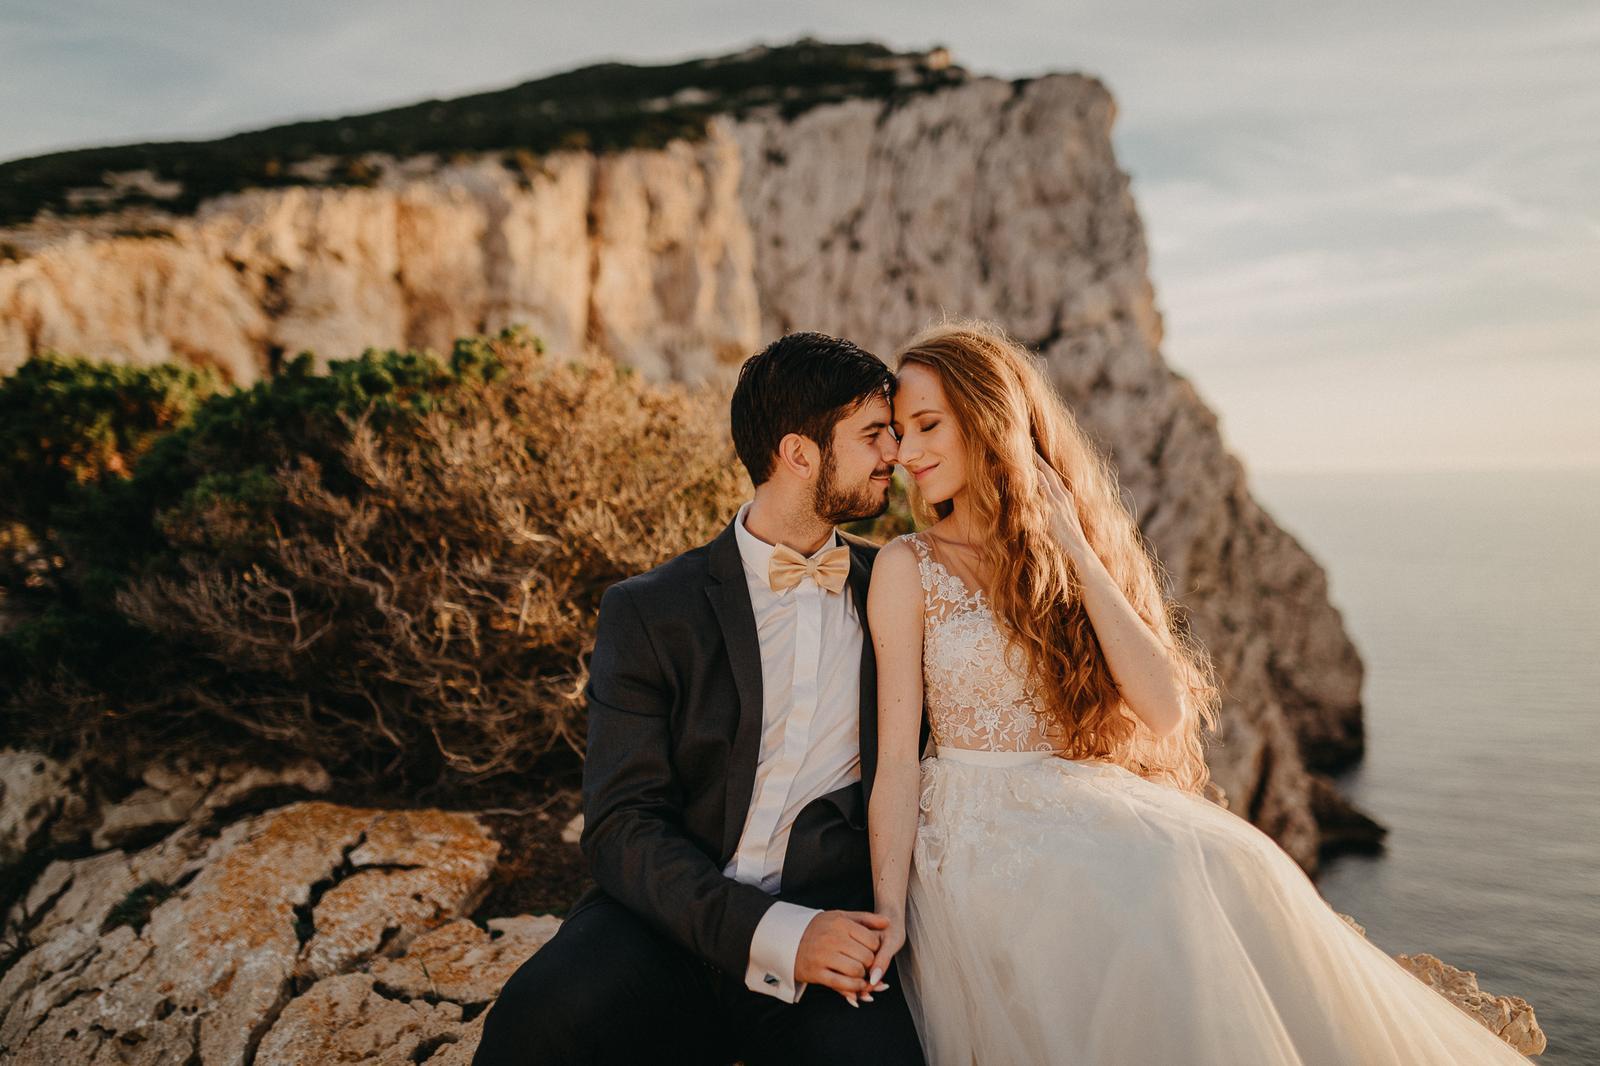 Naše svadobné fotenie na Sardínii - Obrázok č. 92